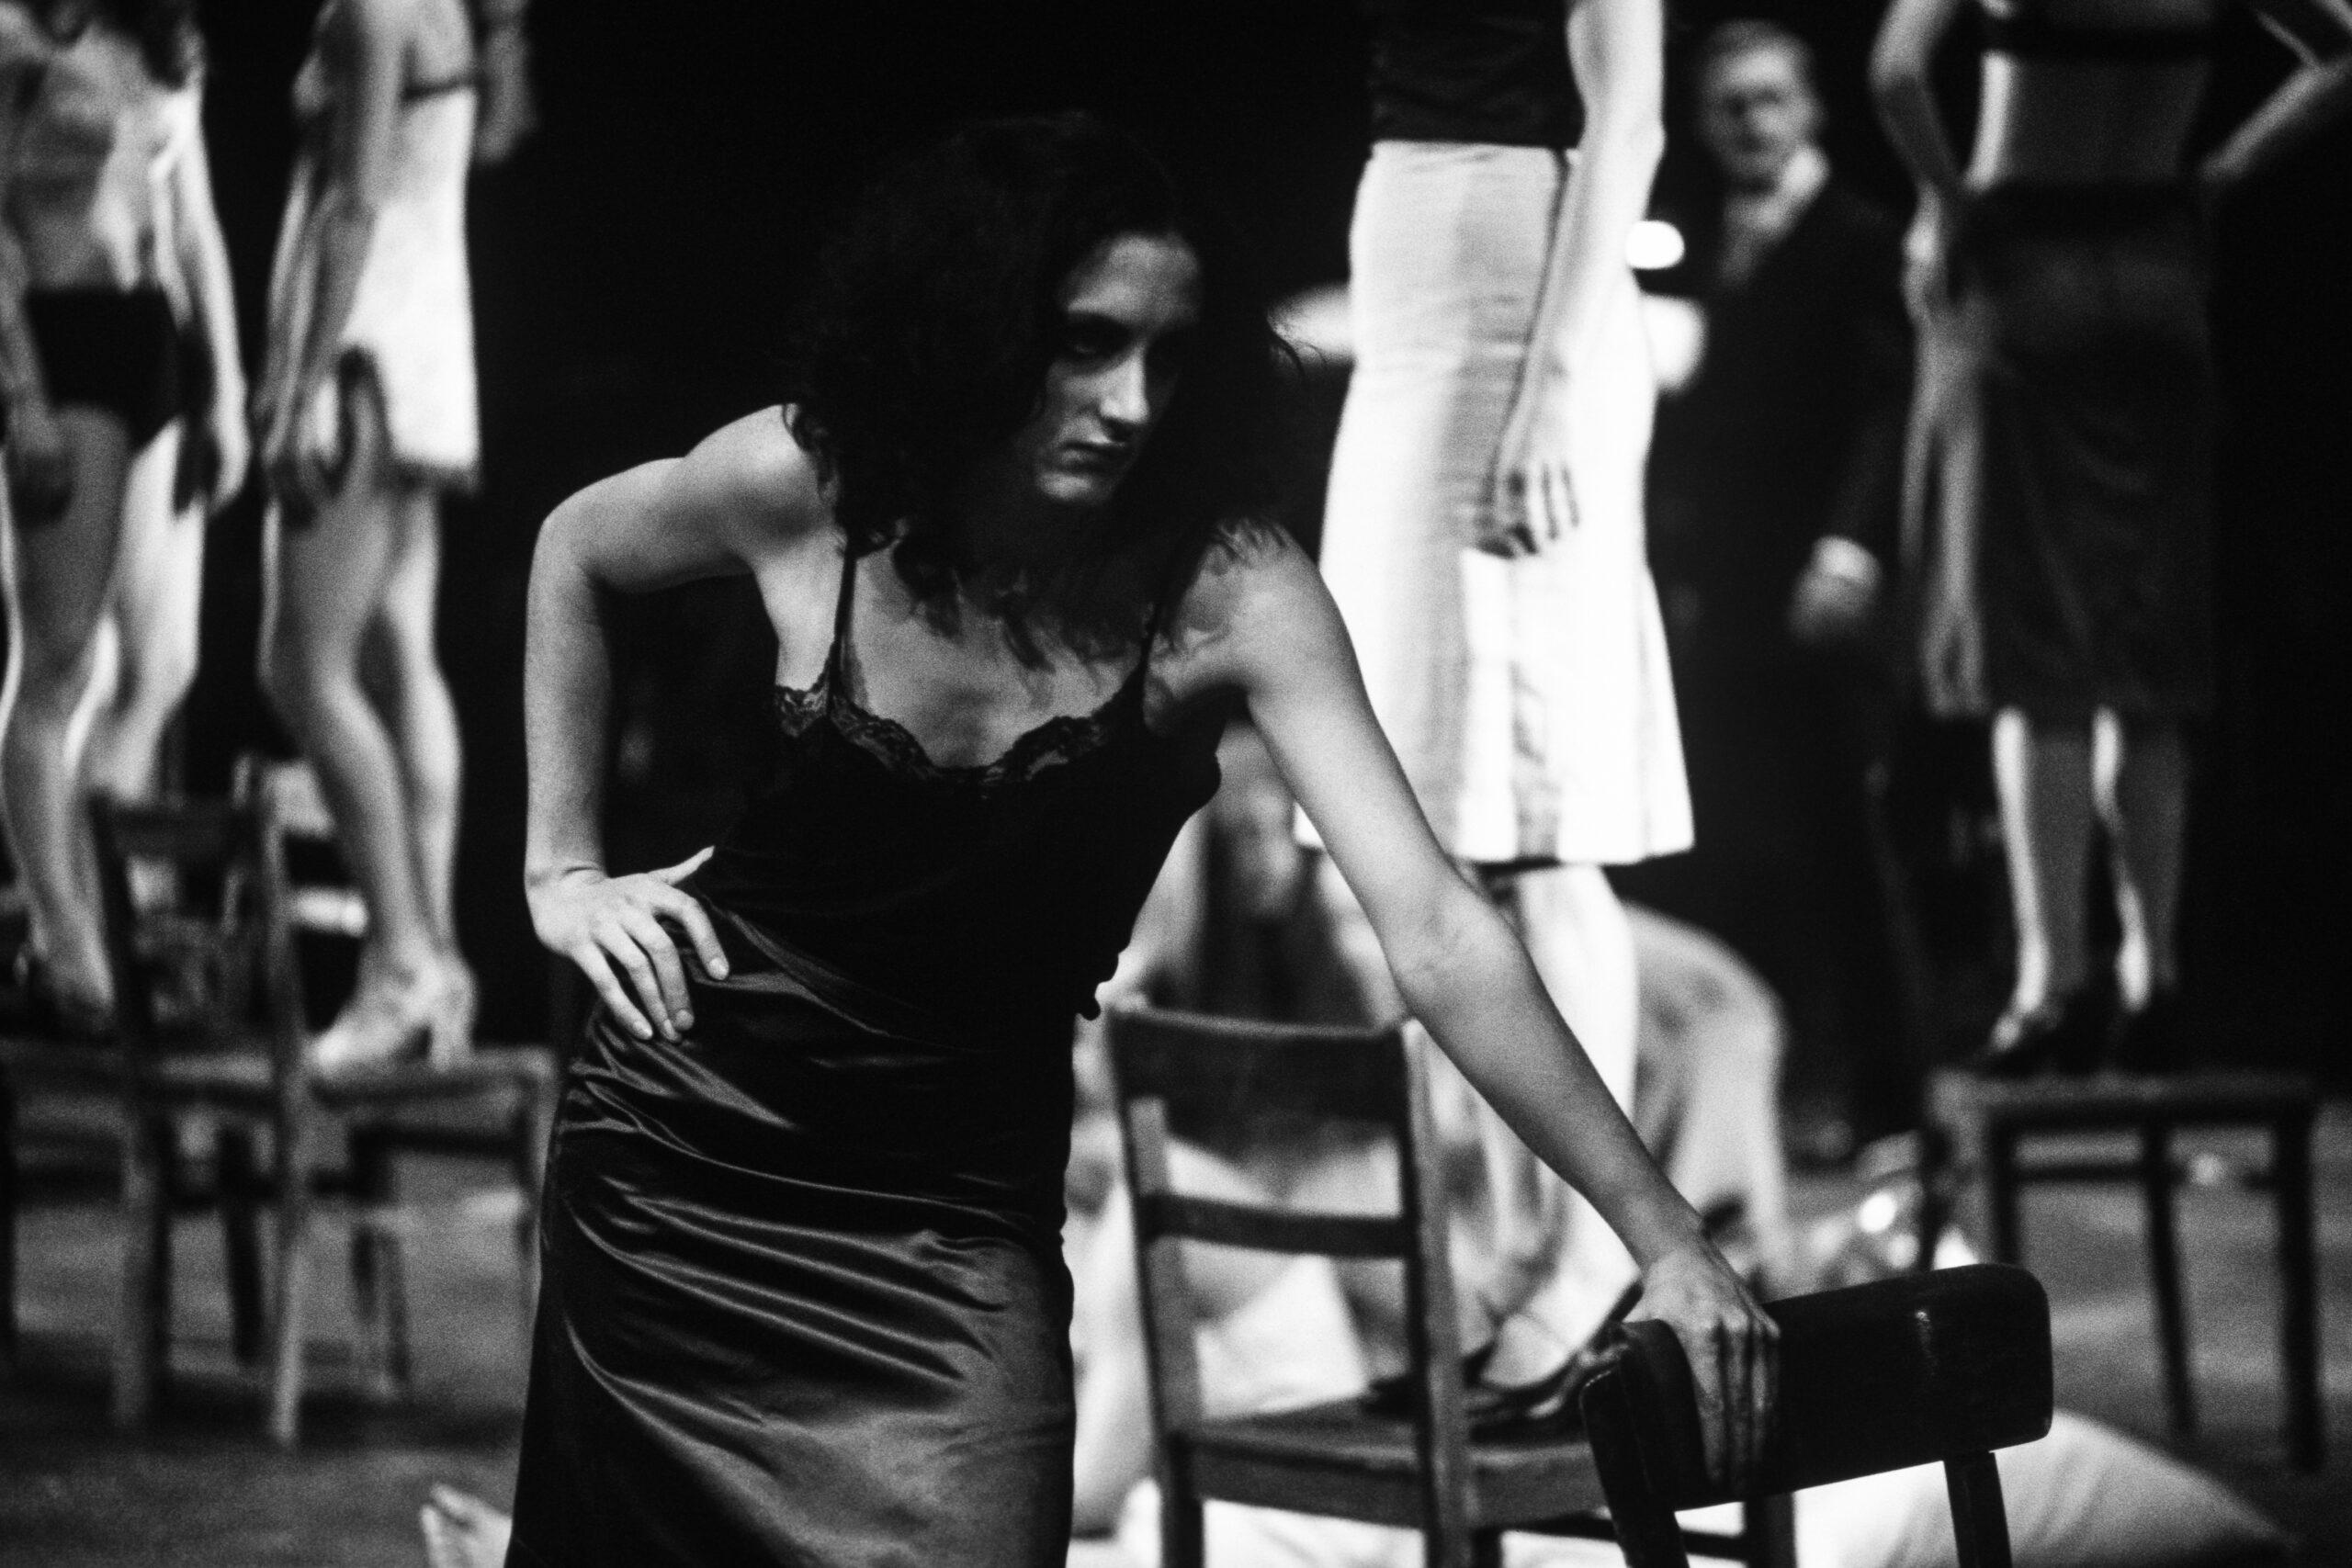 TEATRO - 6 – 7 – Il Tanztheater di Pina Bausch, nello spettacolo I sette peccati capitali, Théatre de la Ville, Parigi, 1976